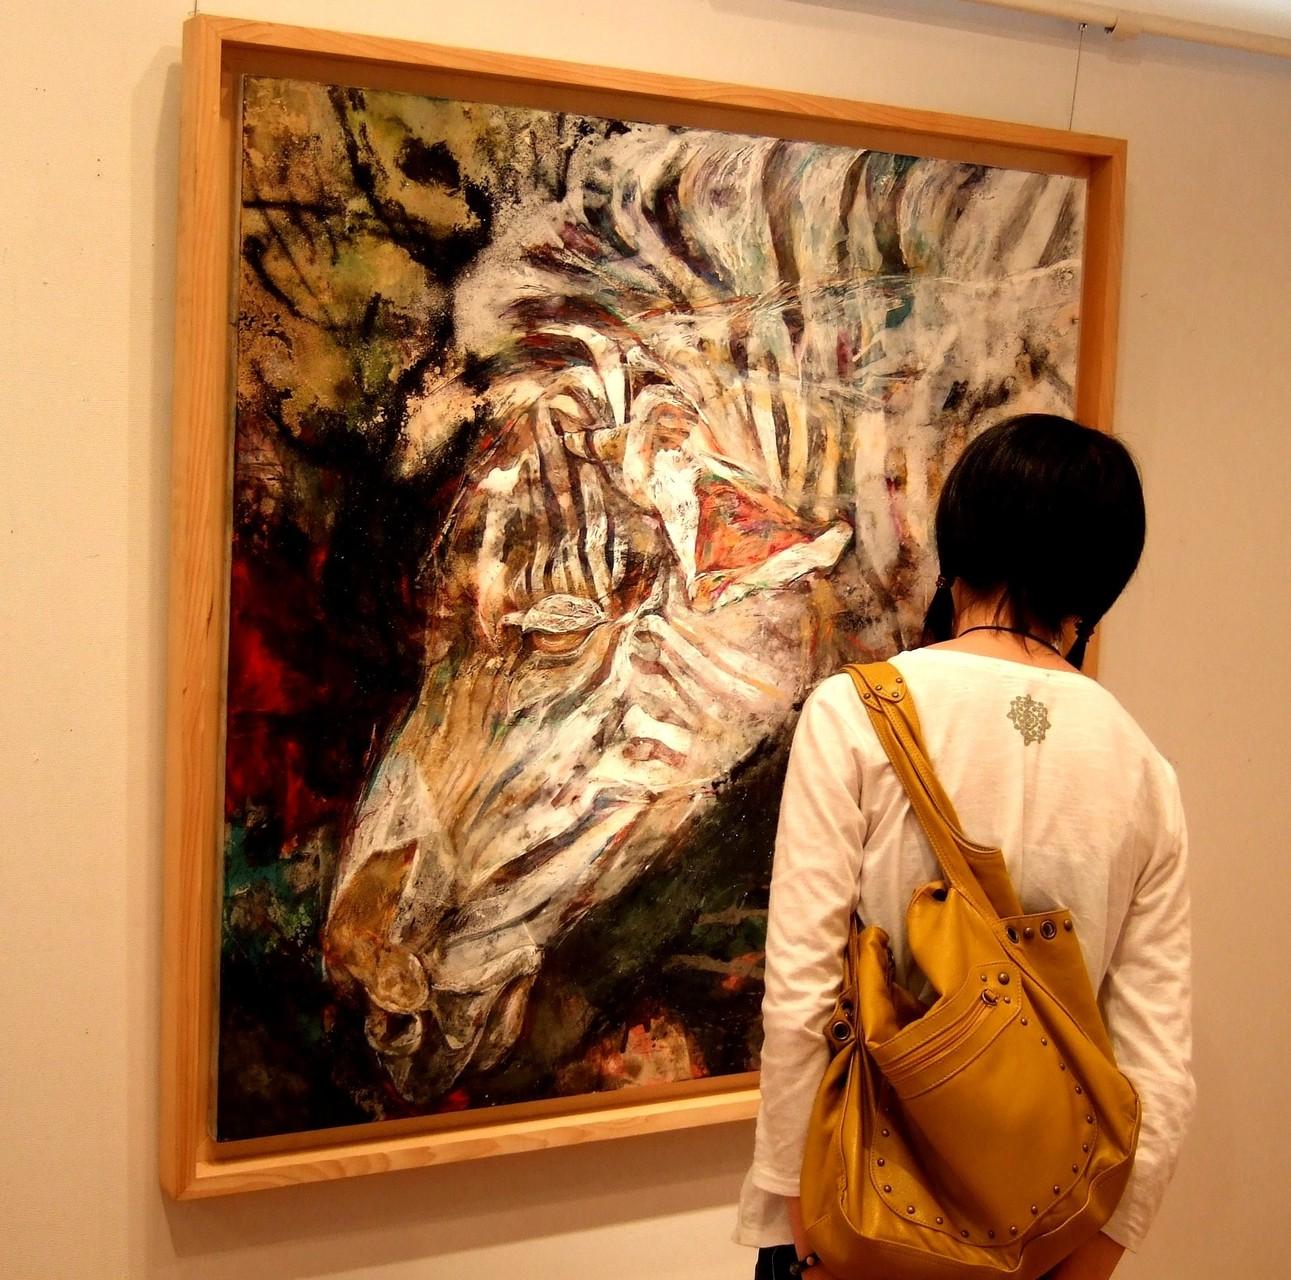 先輩の個展見学Ⅱ「間近でマチエールの魅力を体感する」